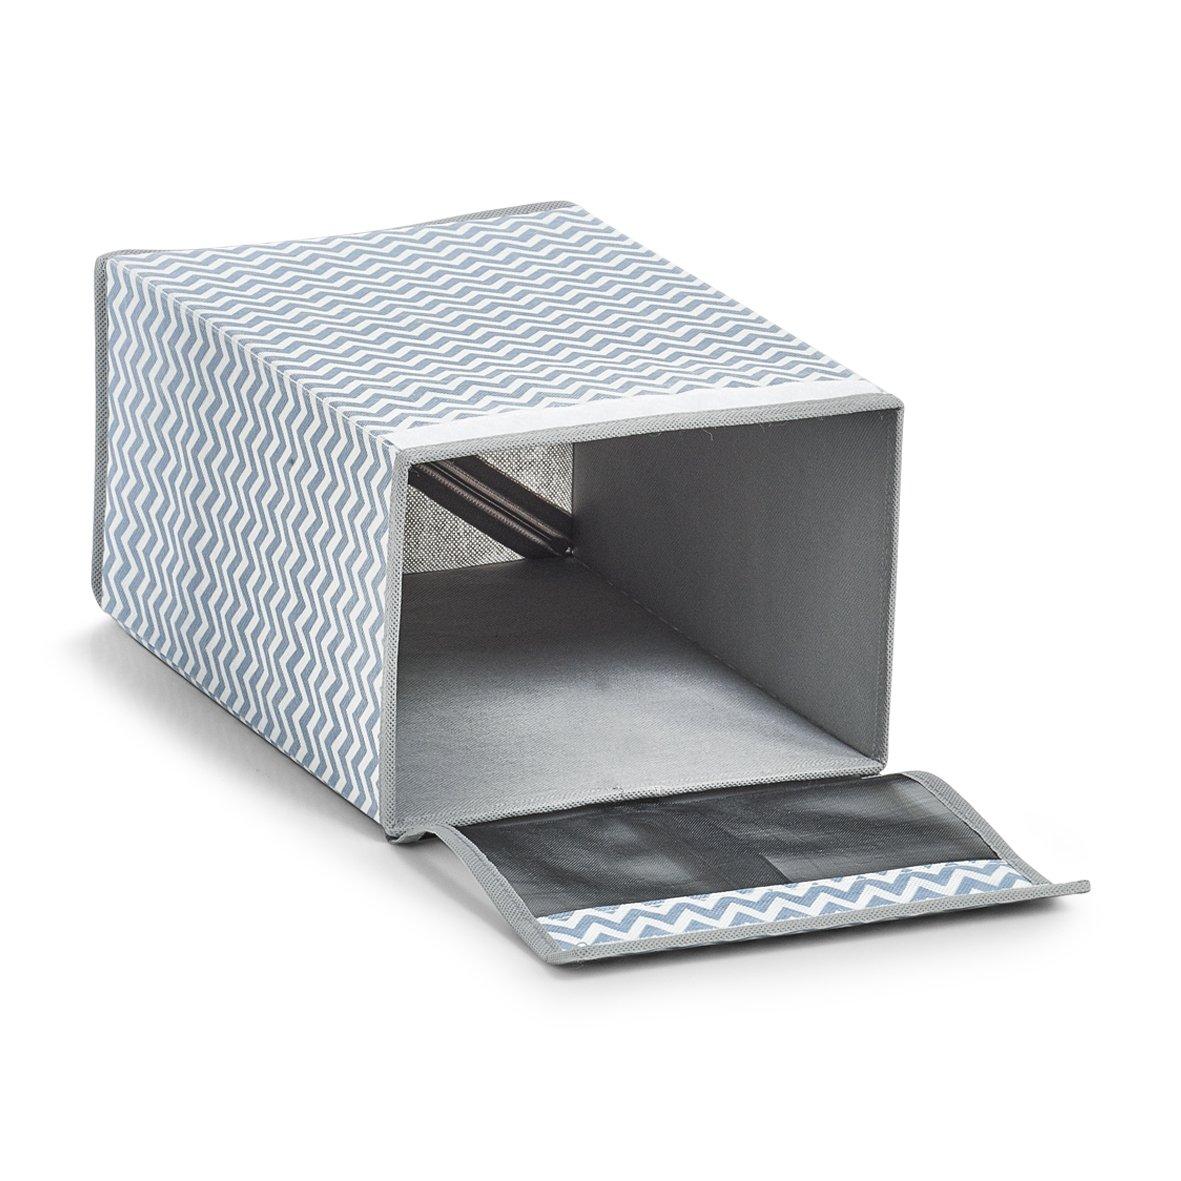 Zeller 14626 Schuhbox ca Vlies wei/ß//grau 22 x 34 x 16 cm